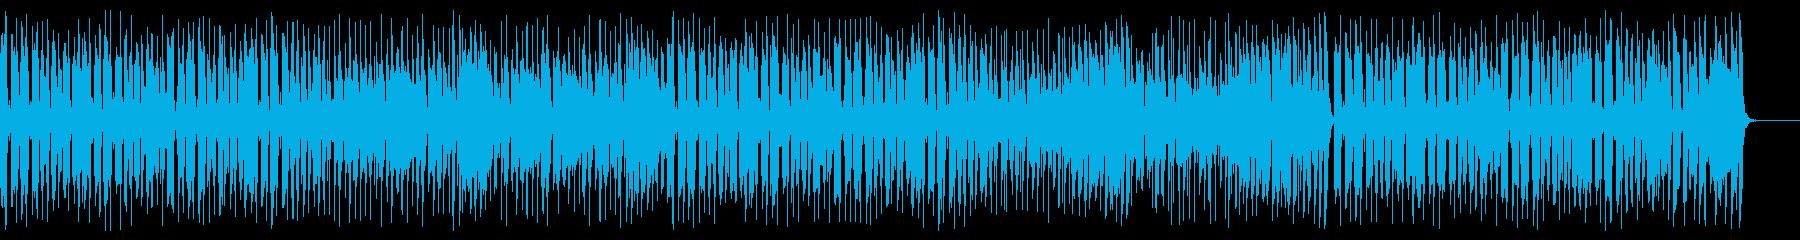 クラリネットとギターが陽気な名曲の再生済みの波形